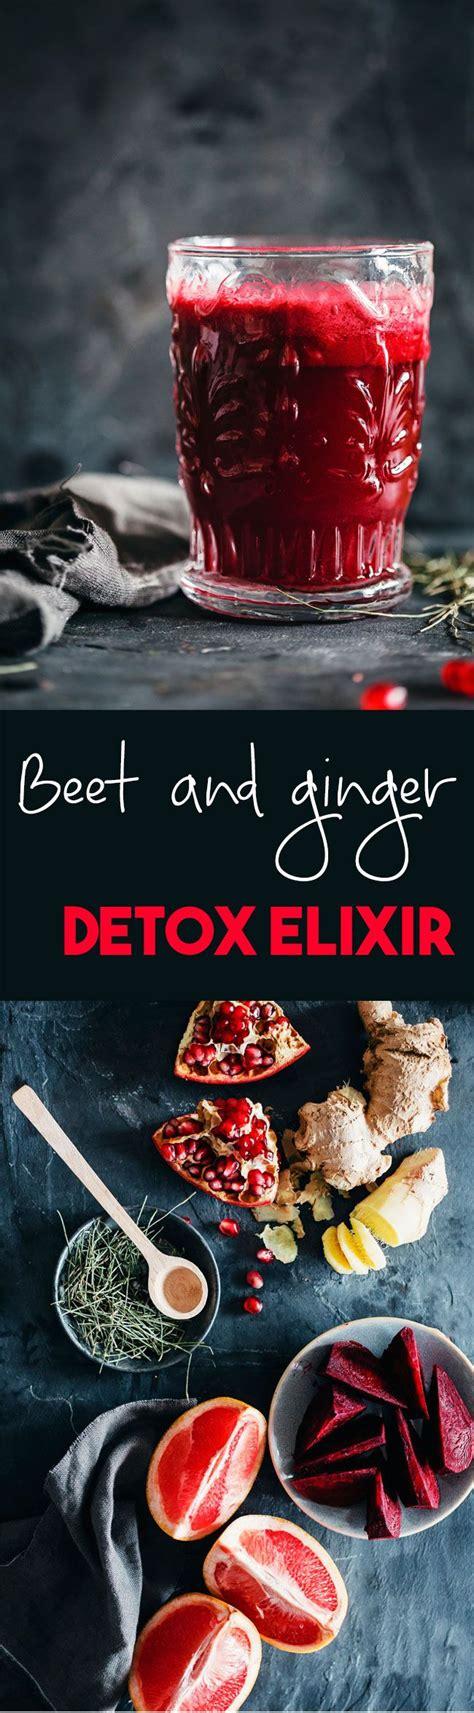 Lemon Detox Elixir by Beet And Detox Elixir Recipe Beets Detox And